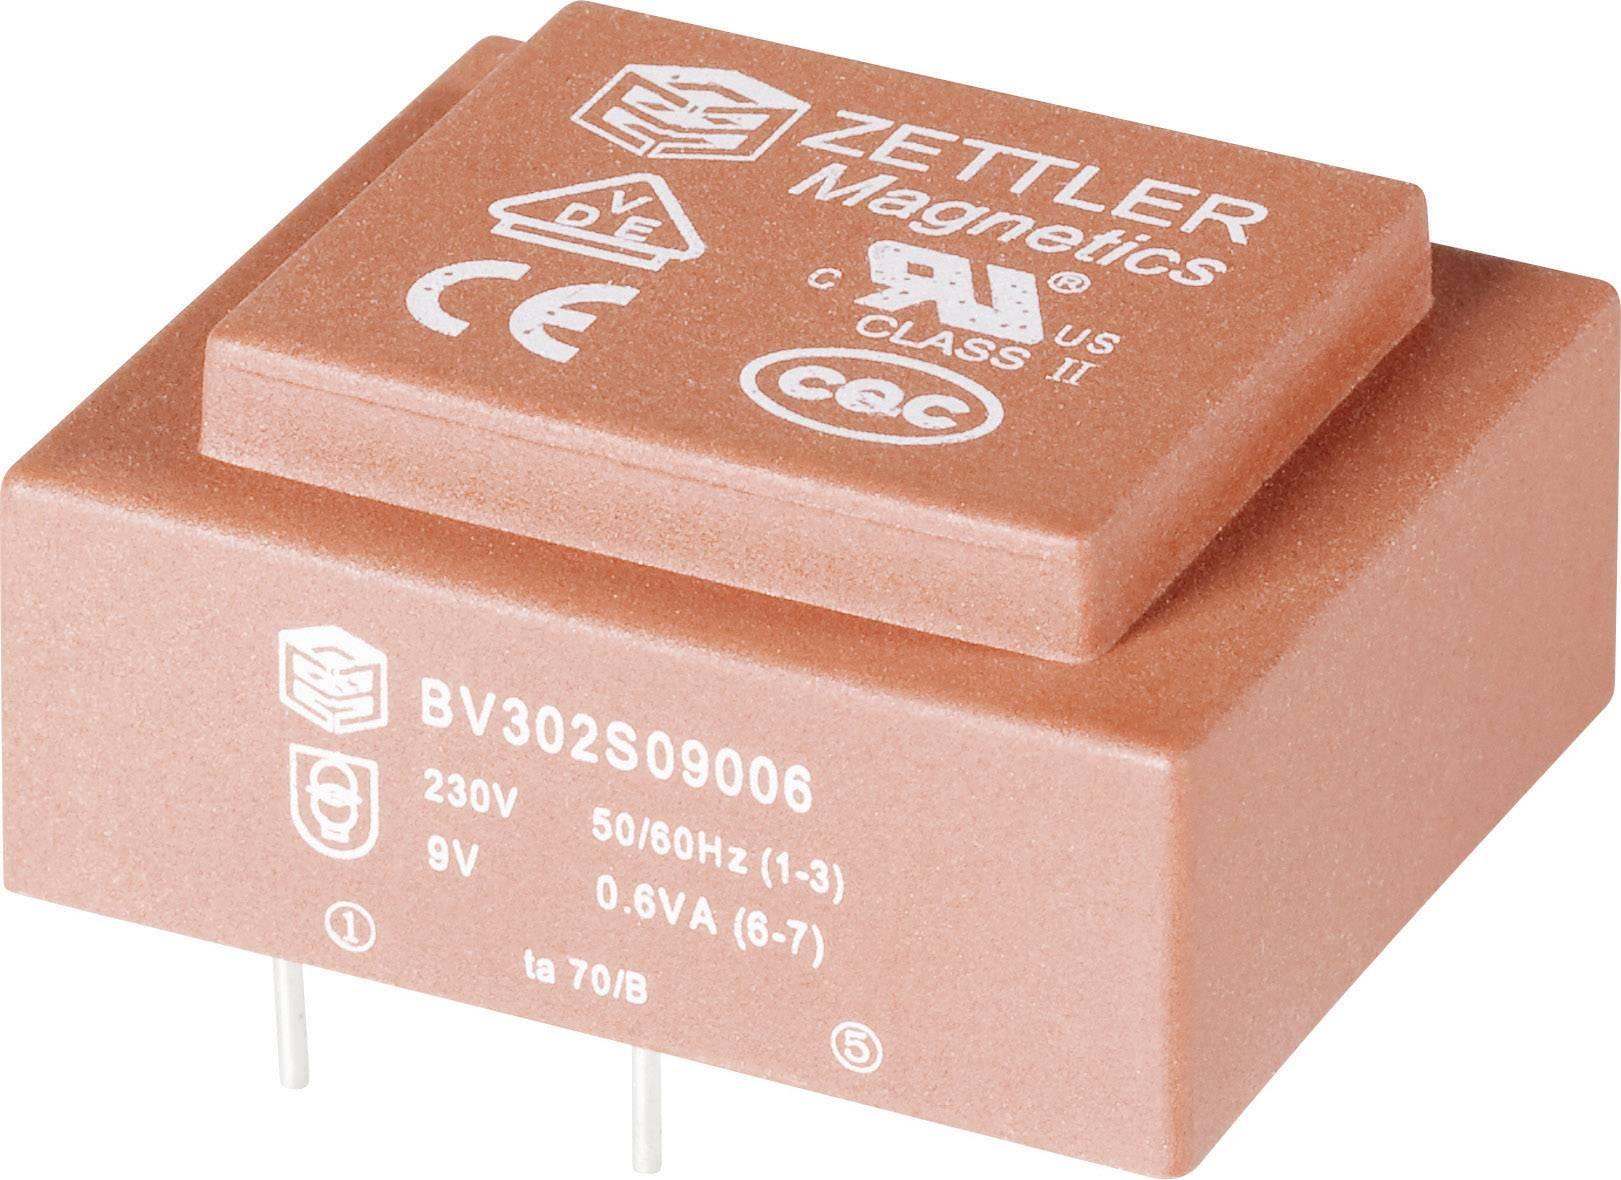 Transformátor do DPS Zettler Magnetics El30, 230 V/2x 12 V, 2x 25 mA, 1,8 VA